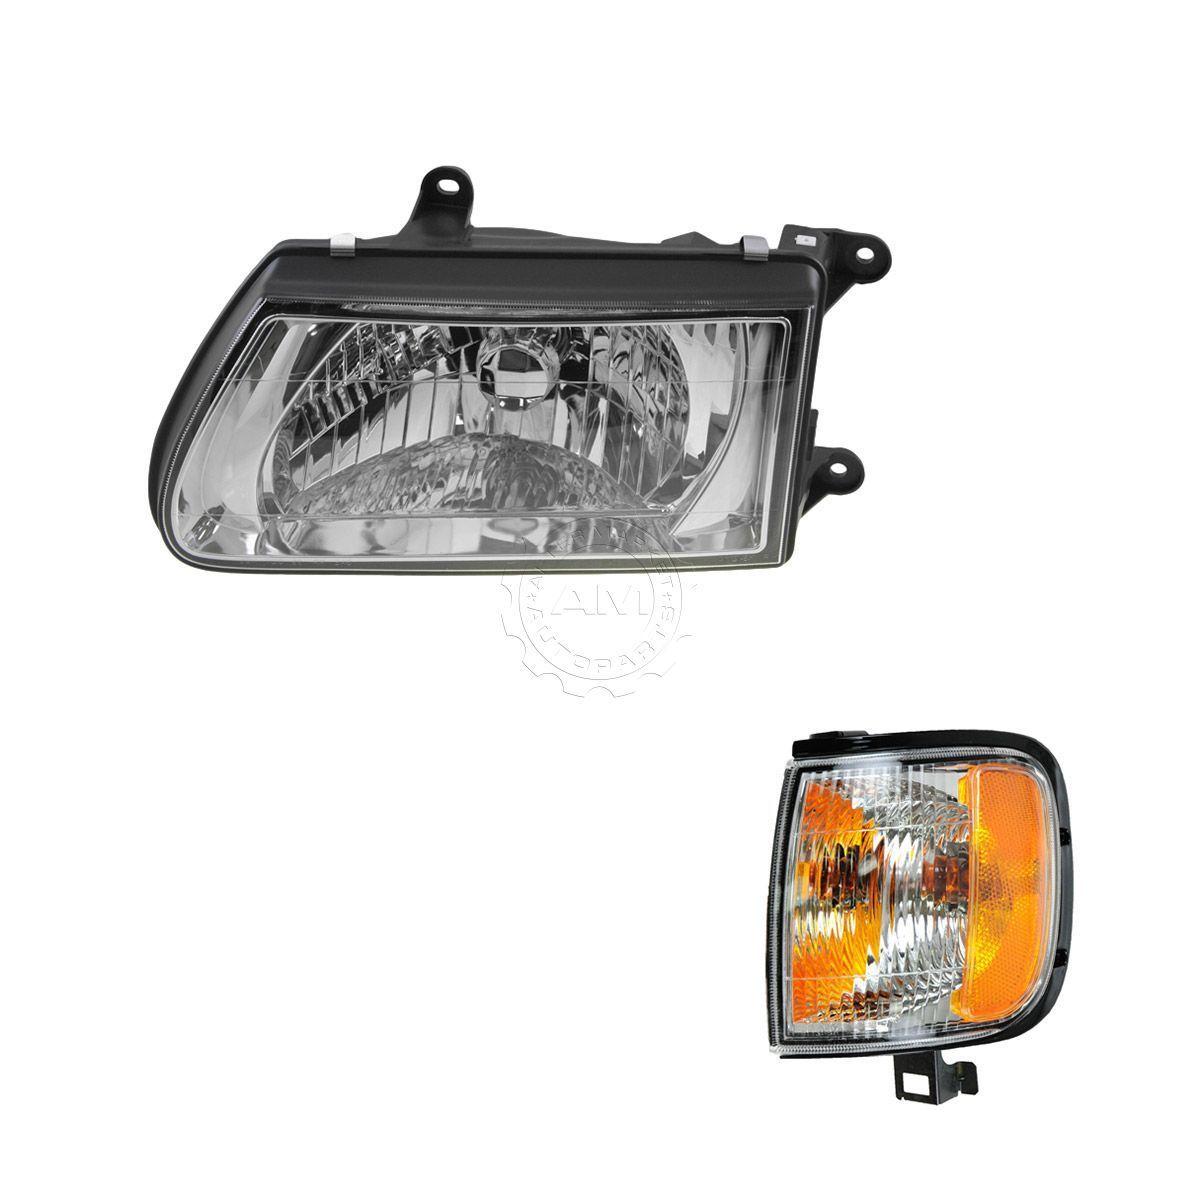 コーナーライト Headlight Corner Light Lamp Kit LH Driver Side for 00-02 Isuzu Rodeo ヘッドライトコーナーライトランプキットLHドライバーサイド00-02いすゞロデオ用